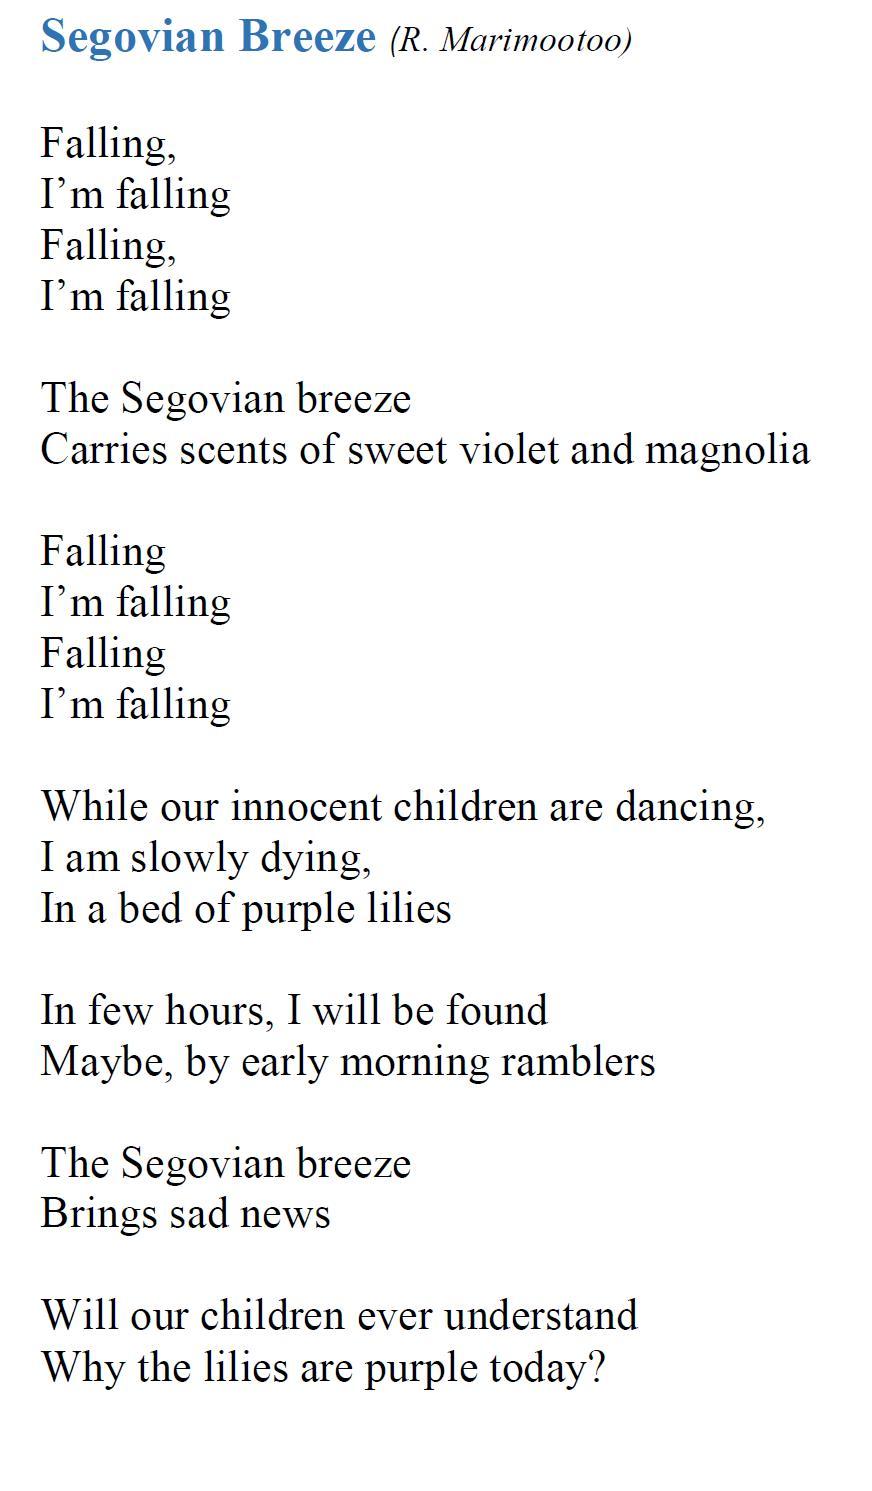 Segovian breeze